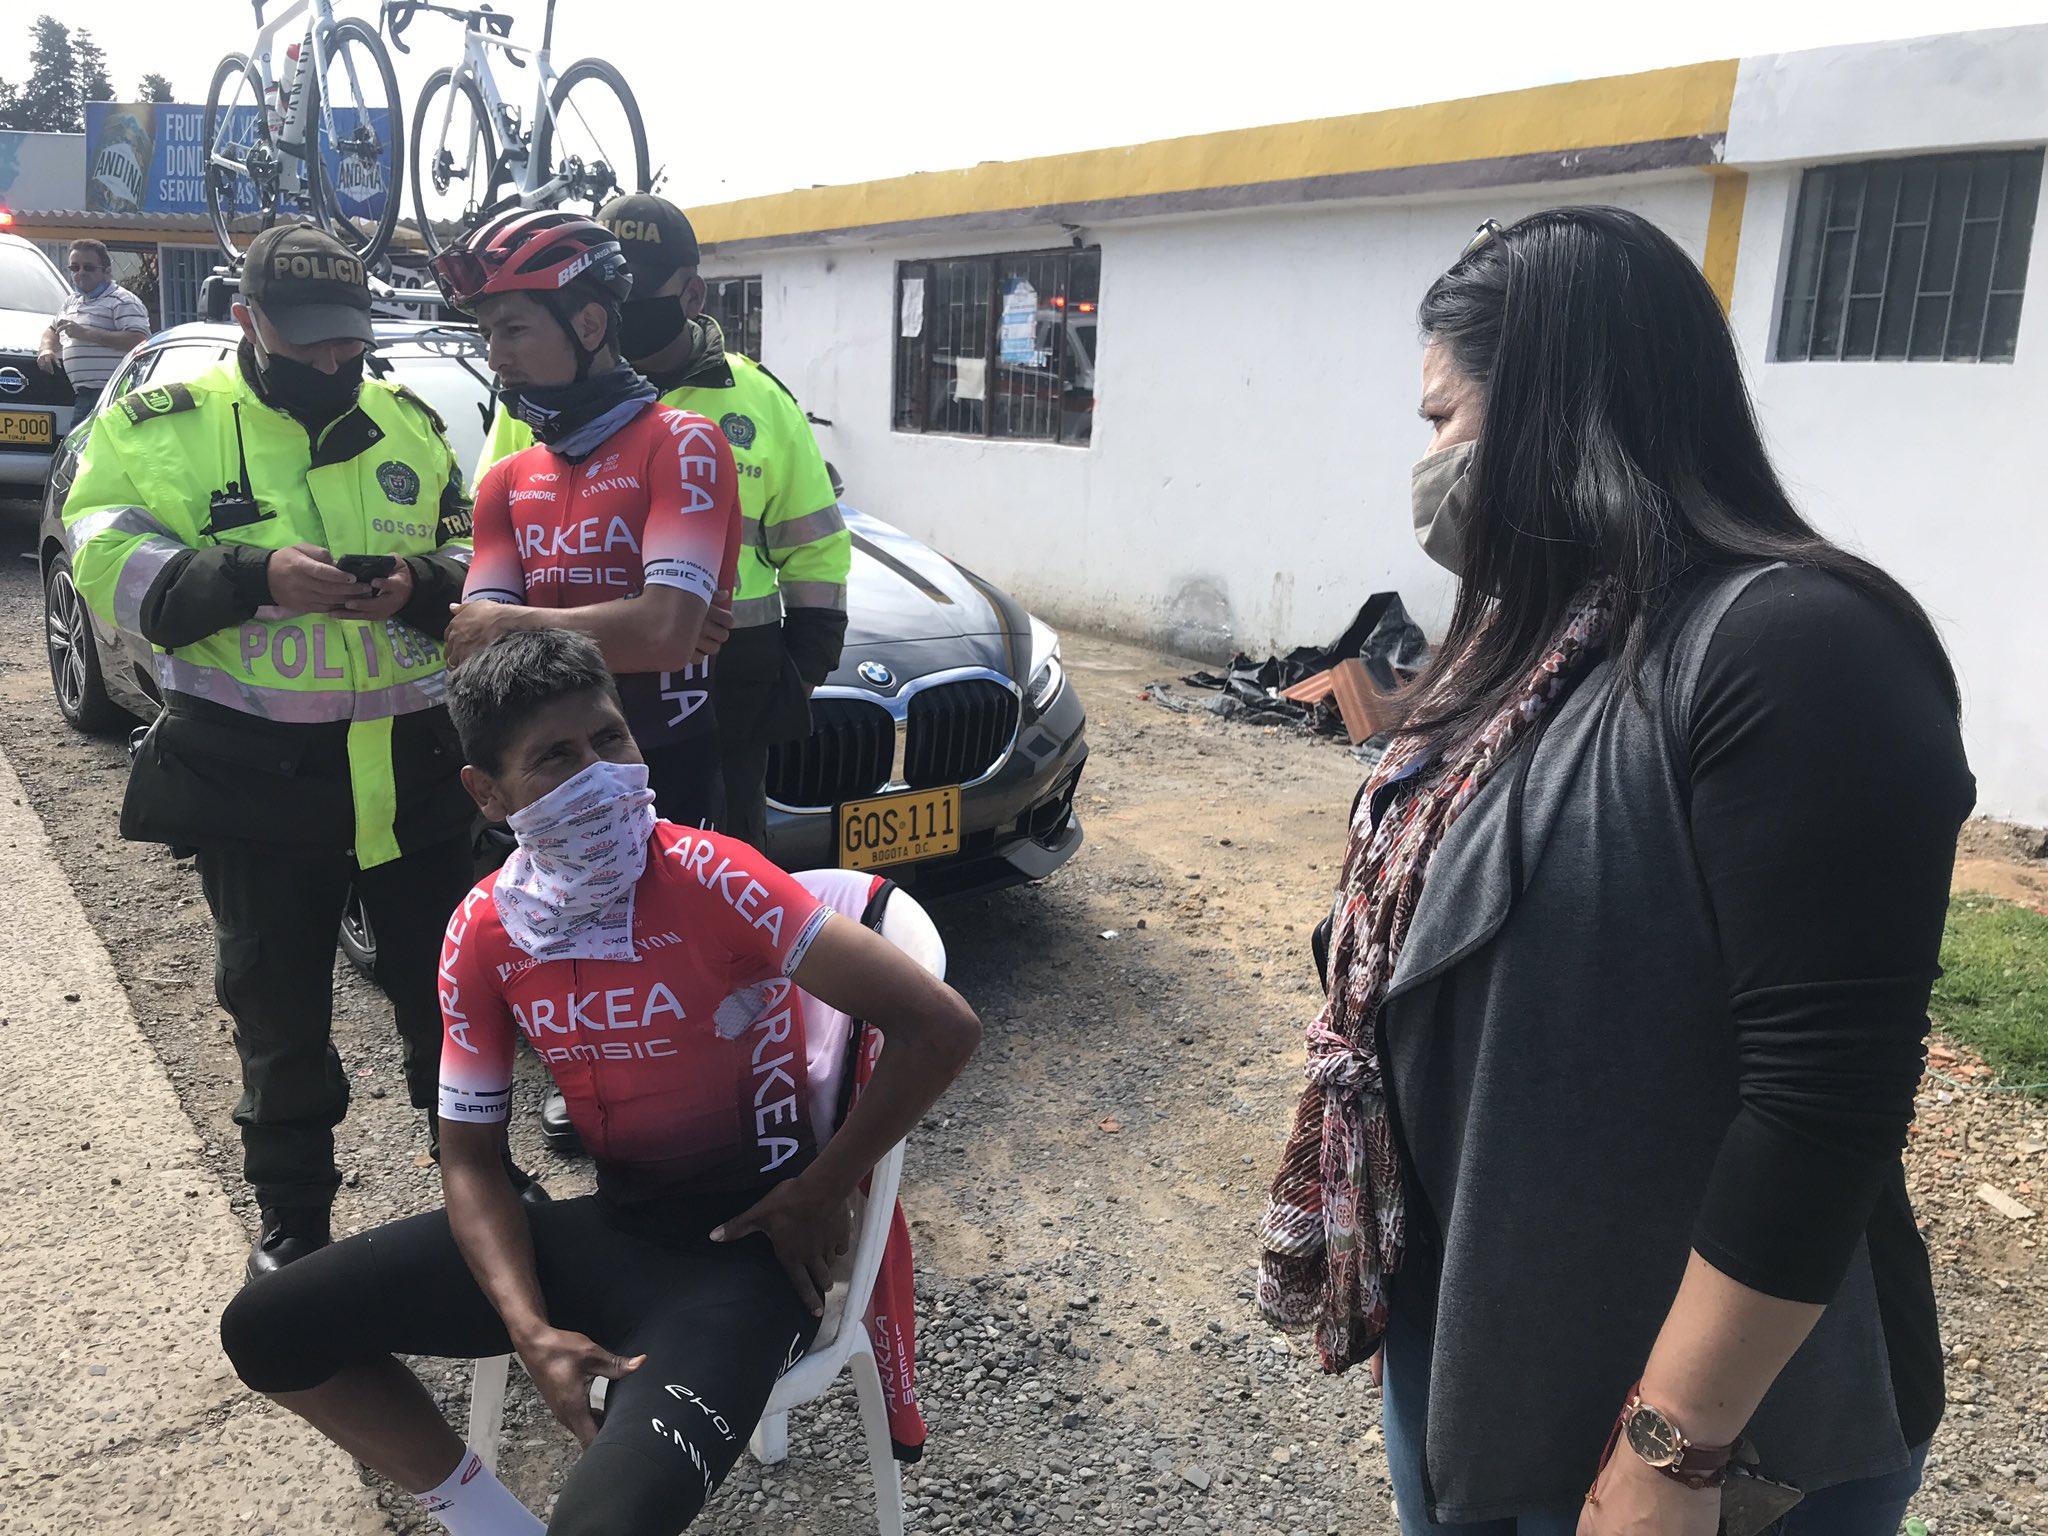 Temerario conductor ocasiona accidente a Nairo Quintana  | Deportes | EL FRENTE